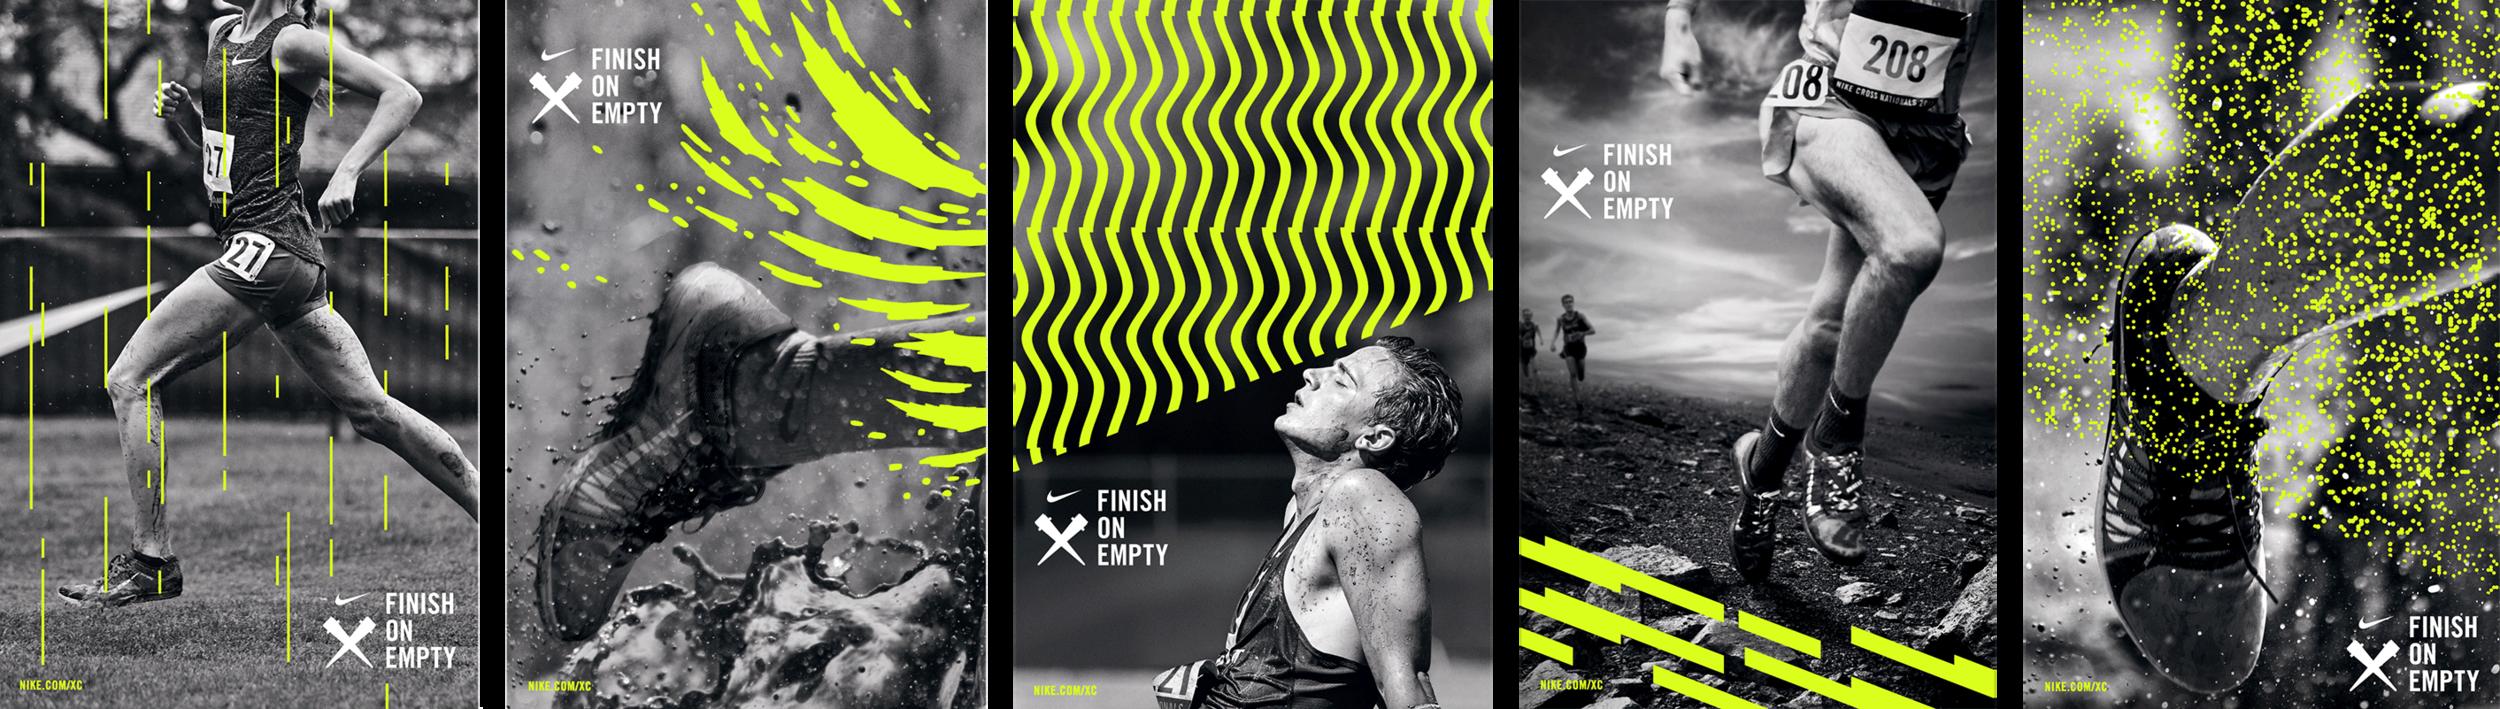 Nike_XC_Zilka_patterns_elements